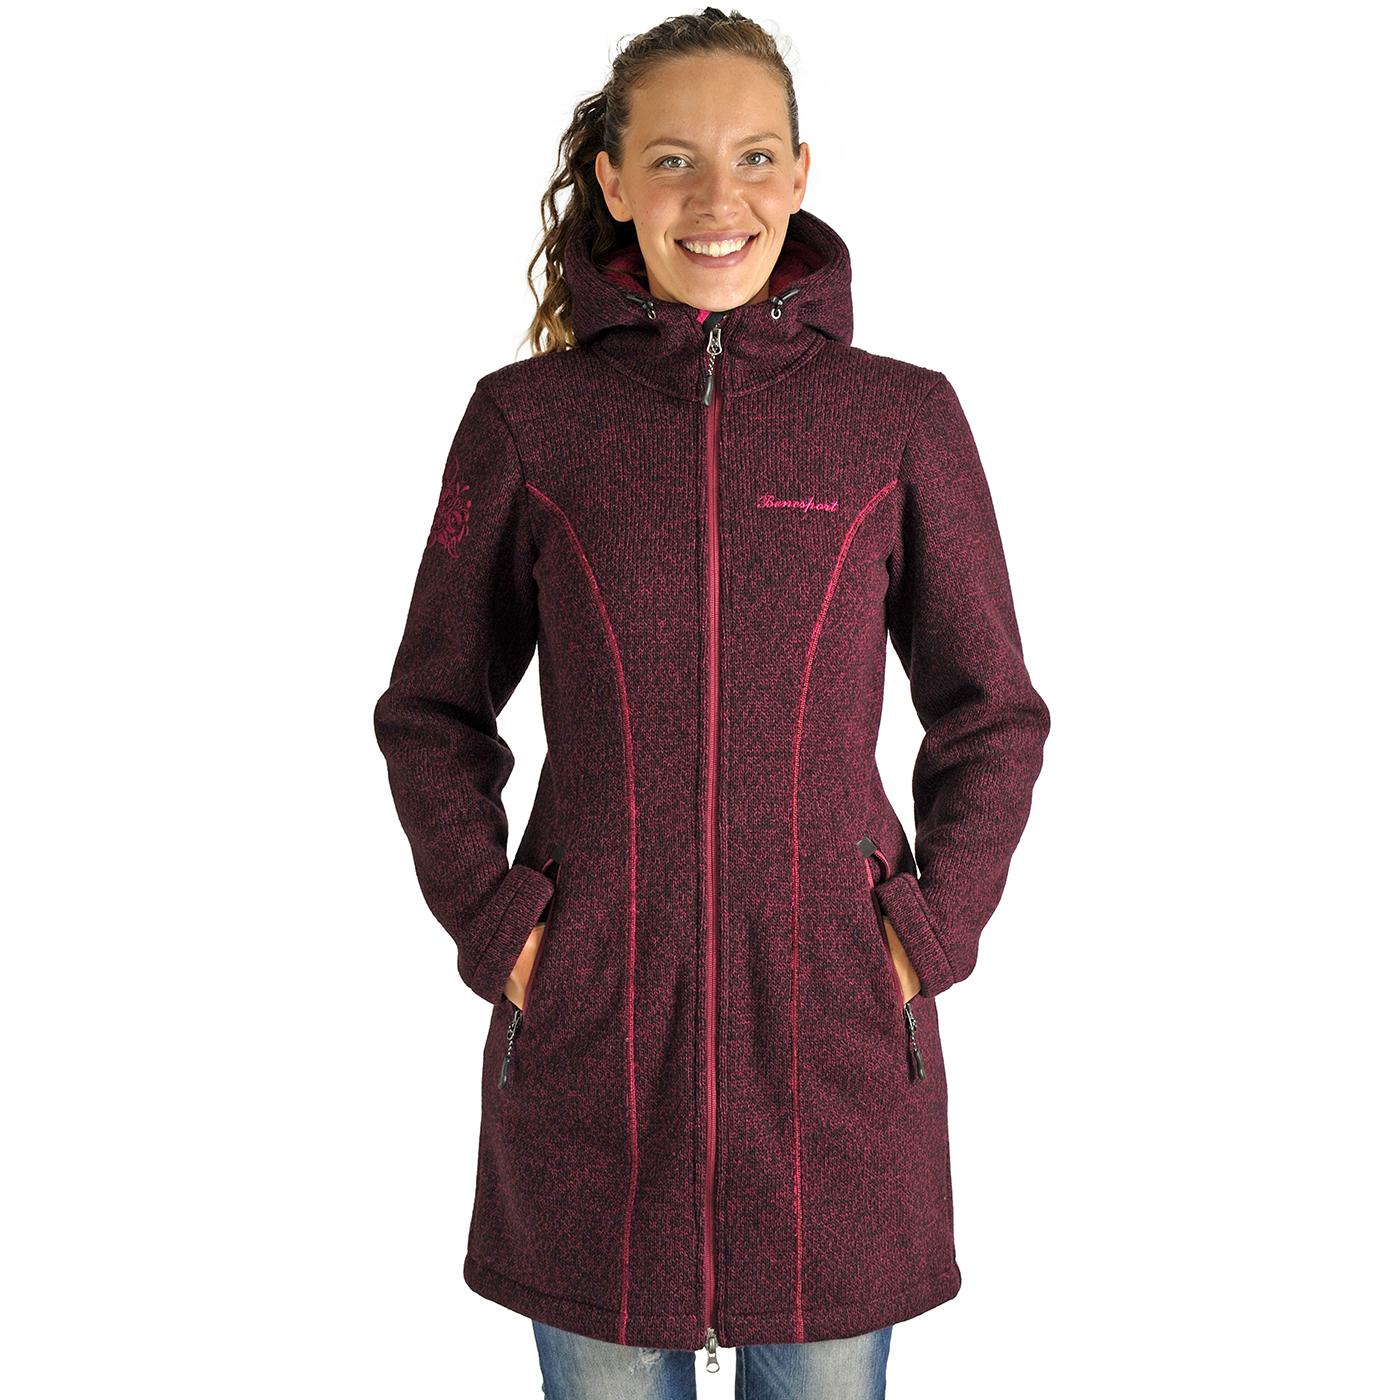 Benesport dámska bunda Pipitka - bordová, veľkosť XS